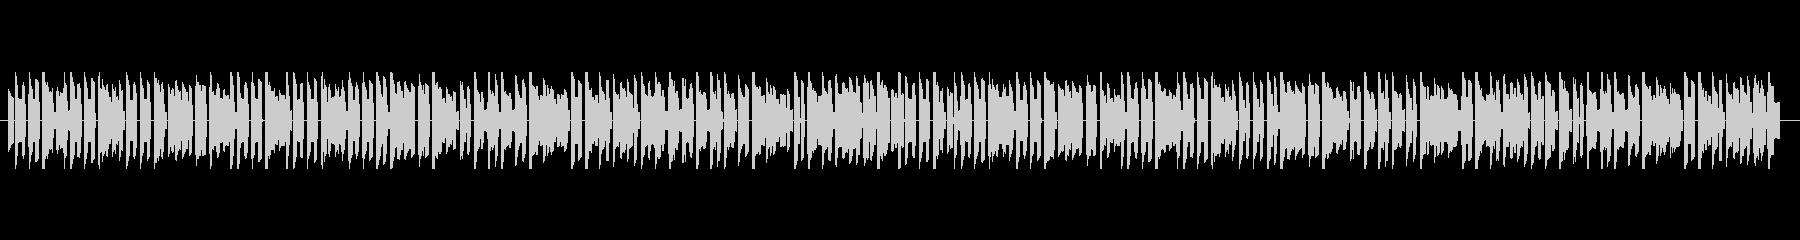 ジングルベル 8bitゲームアレンジの未再生の波形